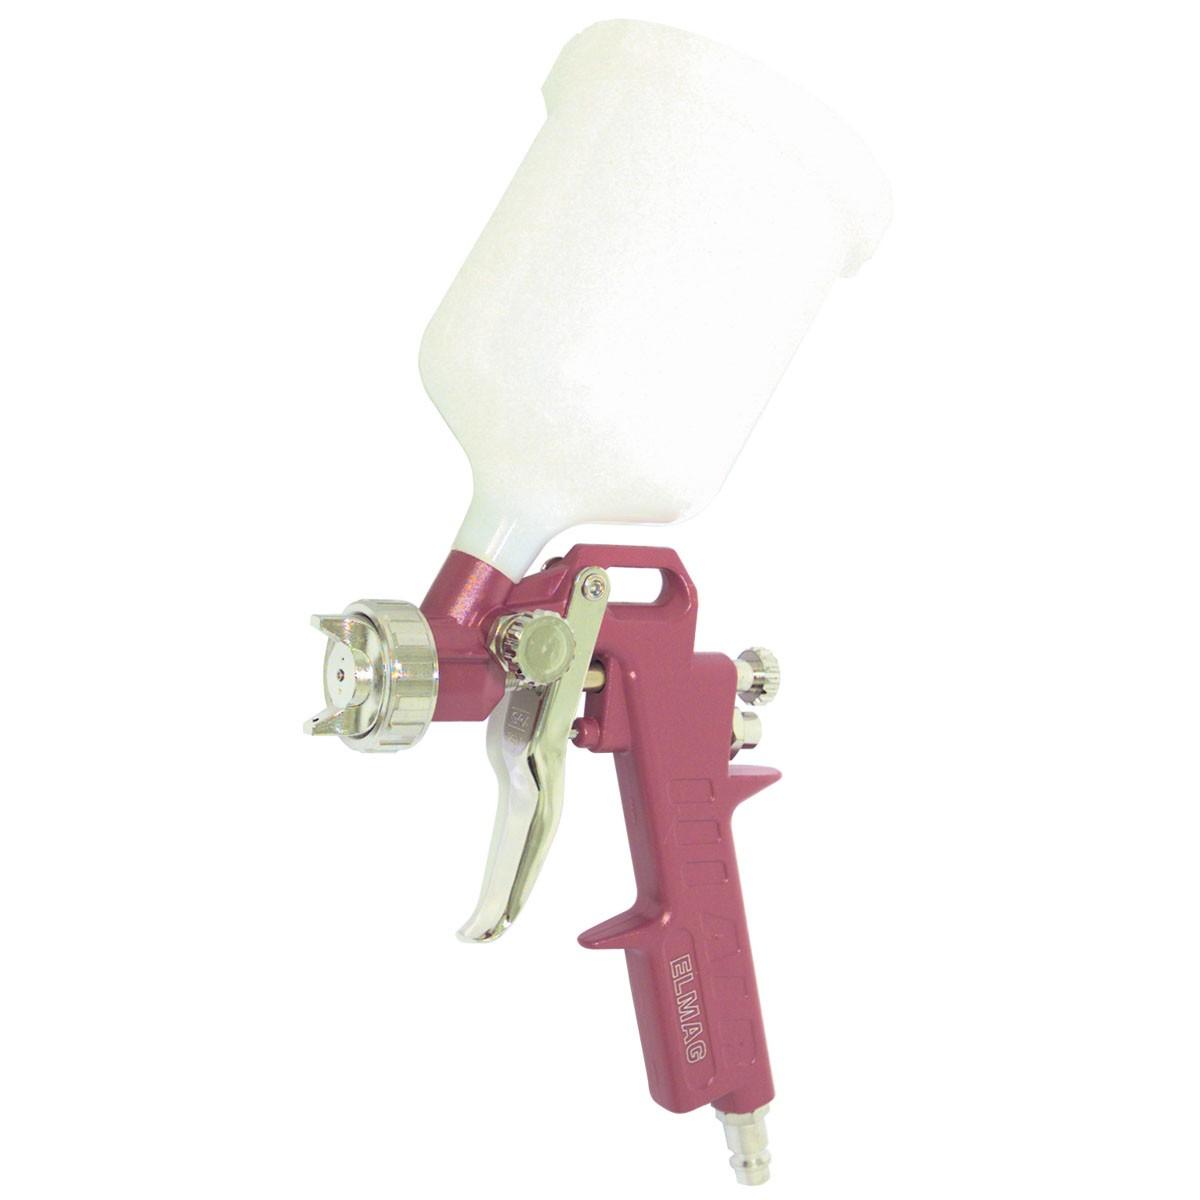 ELMAG Farbspritzpistole FOPC mit Düsensatz 1,5mm